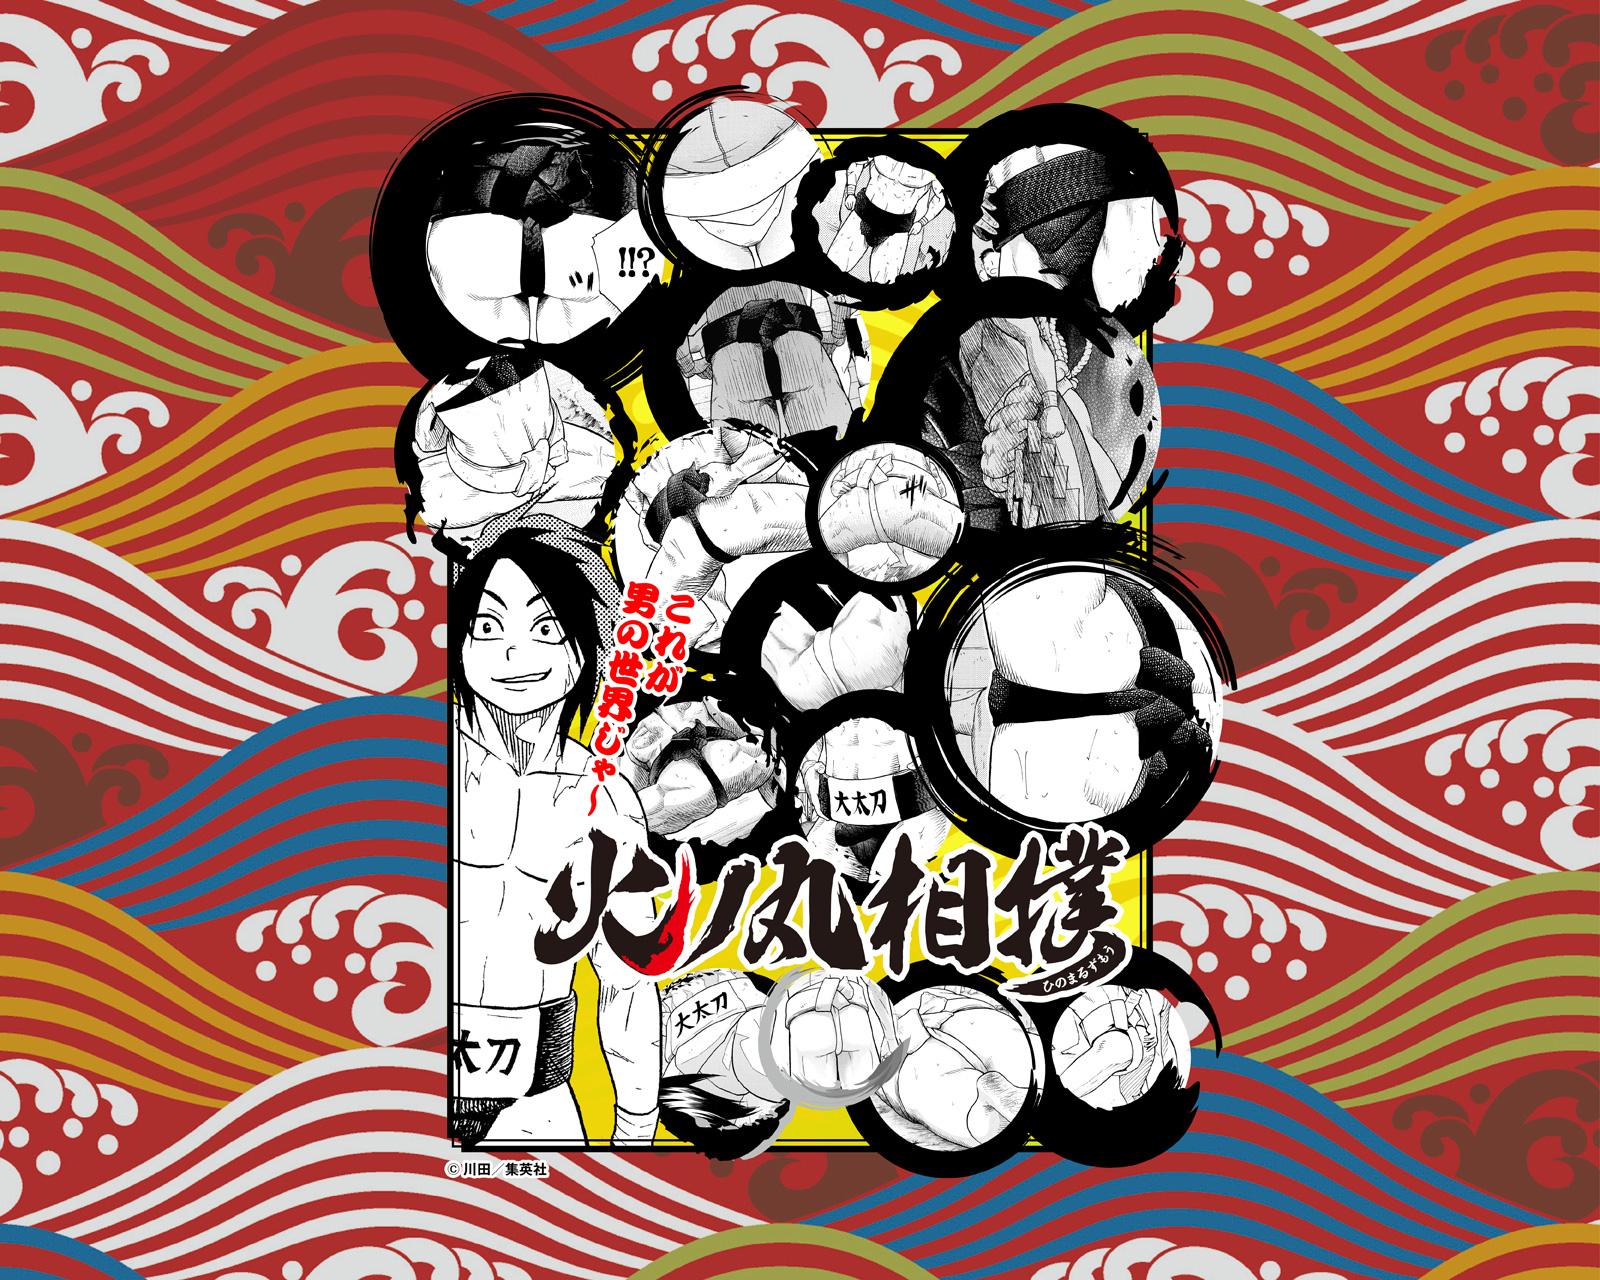 壁紙 集英社 週刊少年ジャンプ 公式サイト